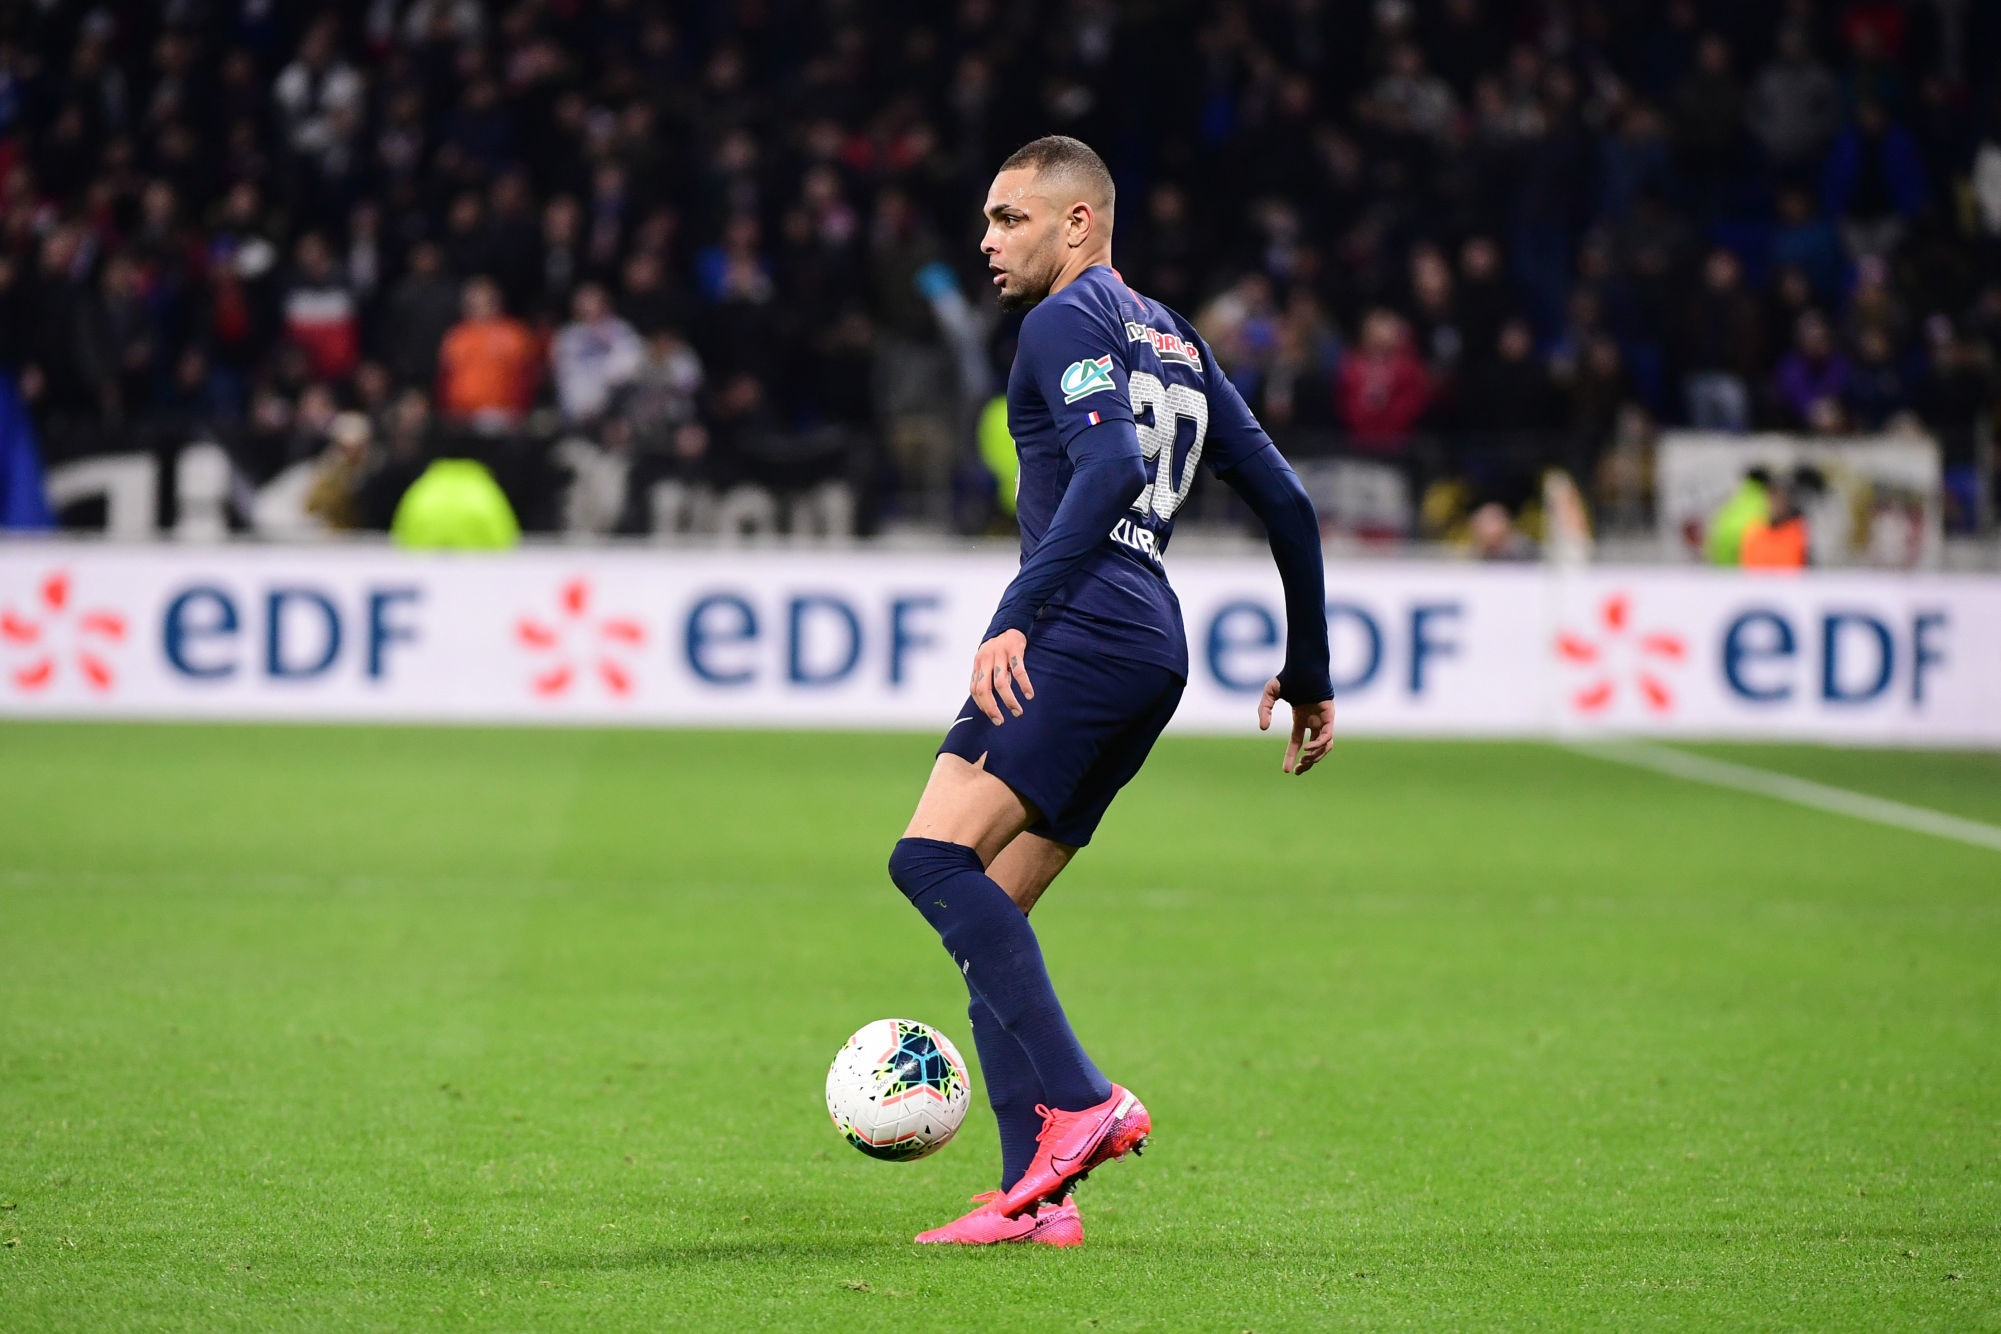 Mercato - Kurzawa ciblé par l'Atlético de Madrid, Arsenal et Chelsea d'après France Football